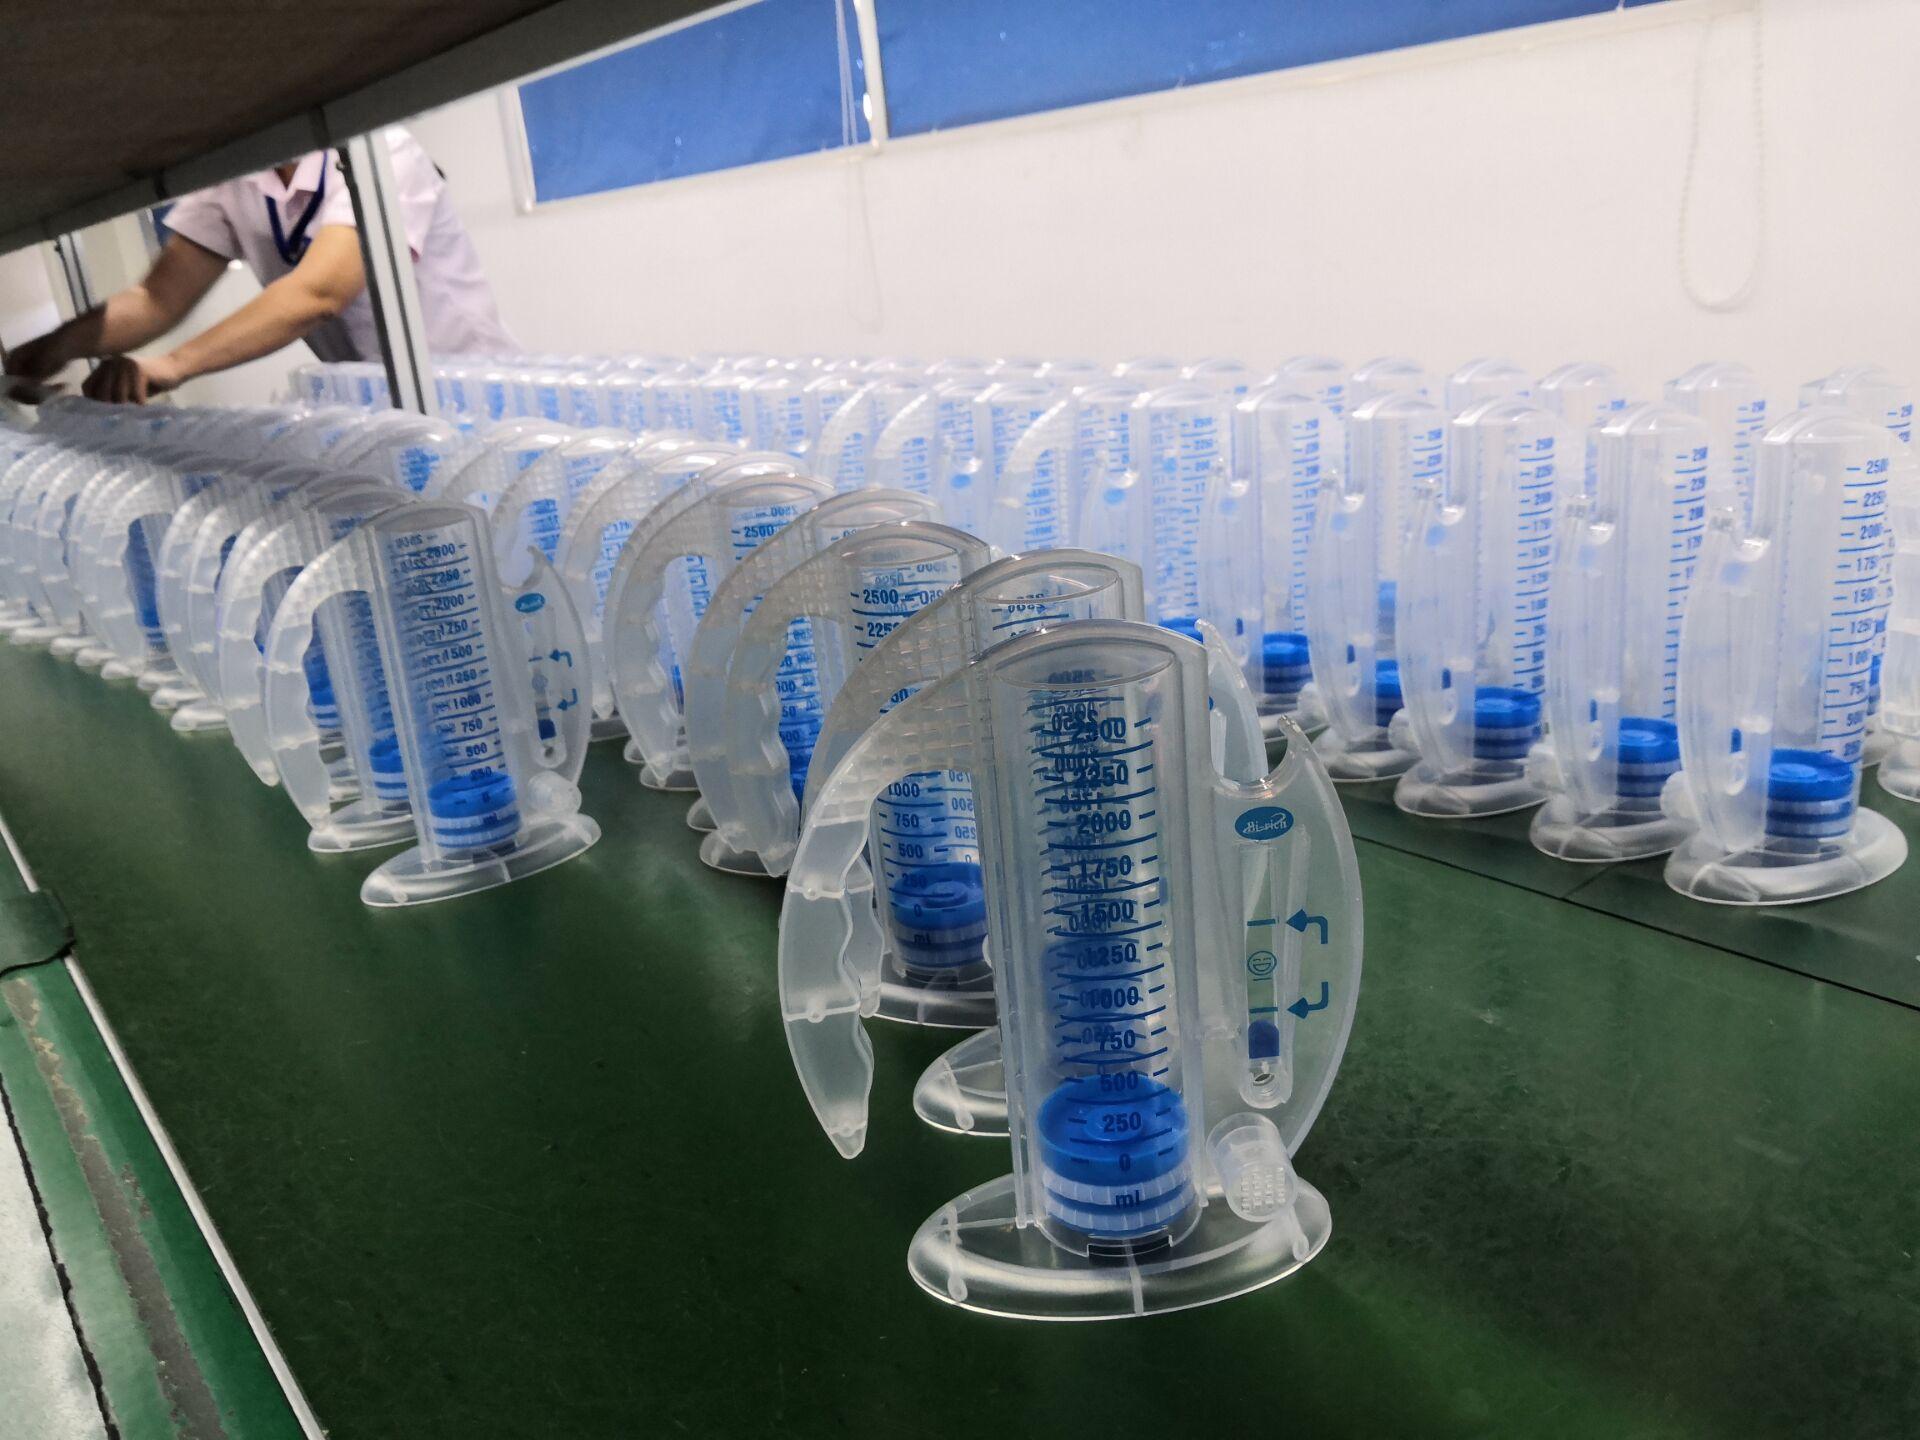 Fabricants de spiromètres professionnels